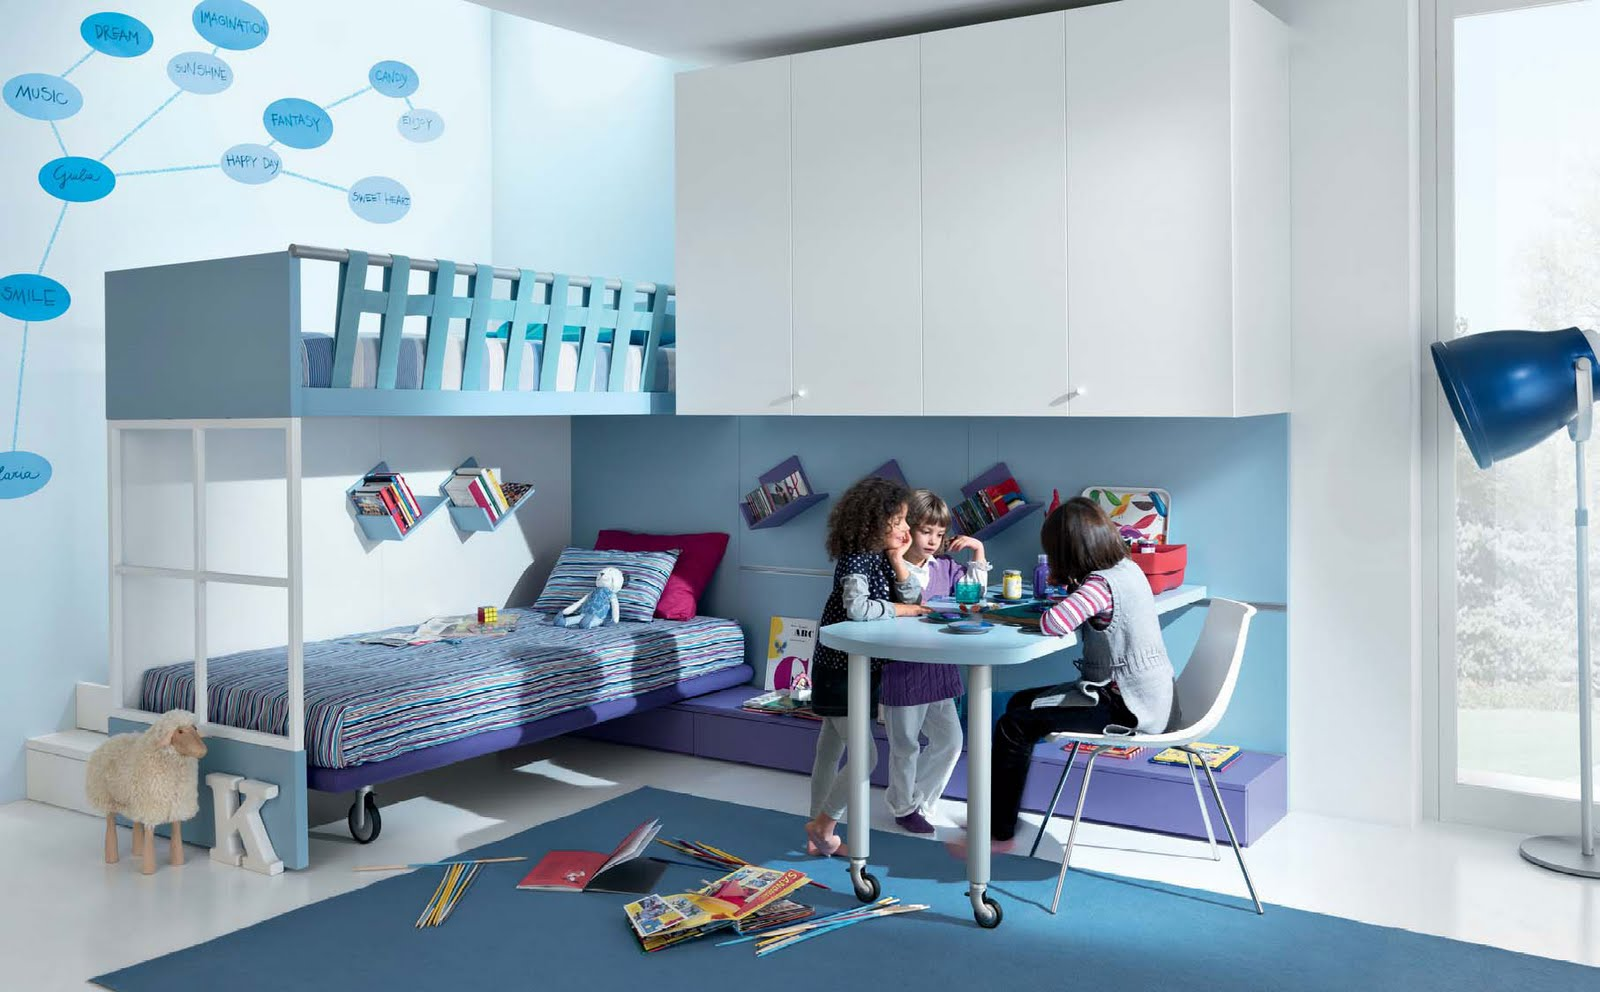 Dormitorios infantiles diseno de interiores - Diseno de habitaciones infantiles ...